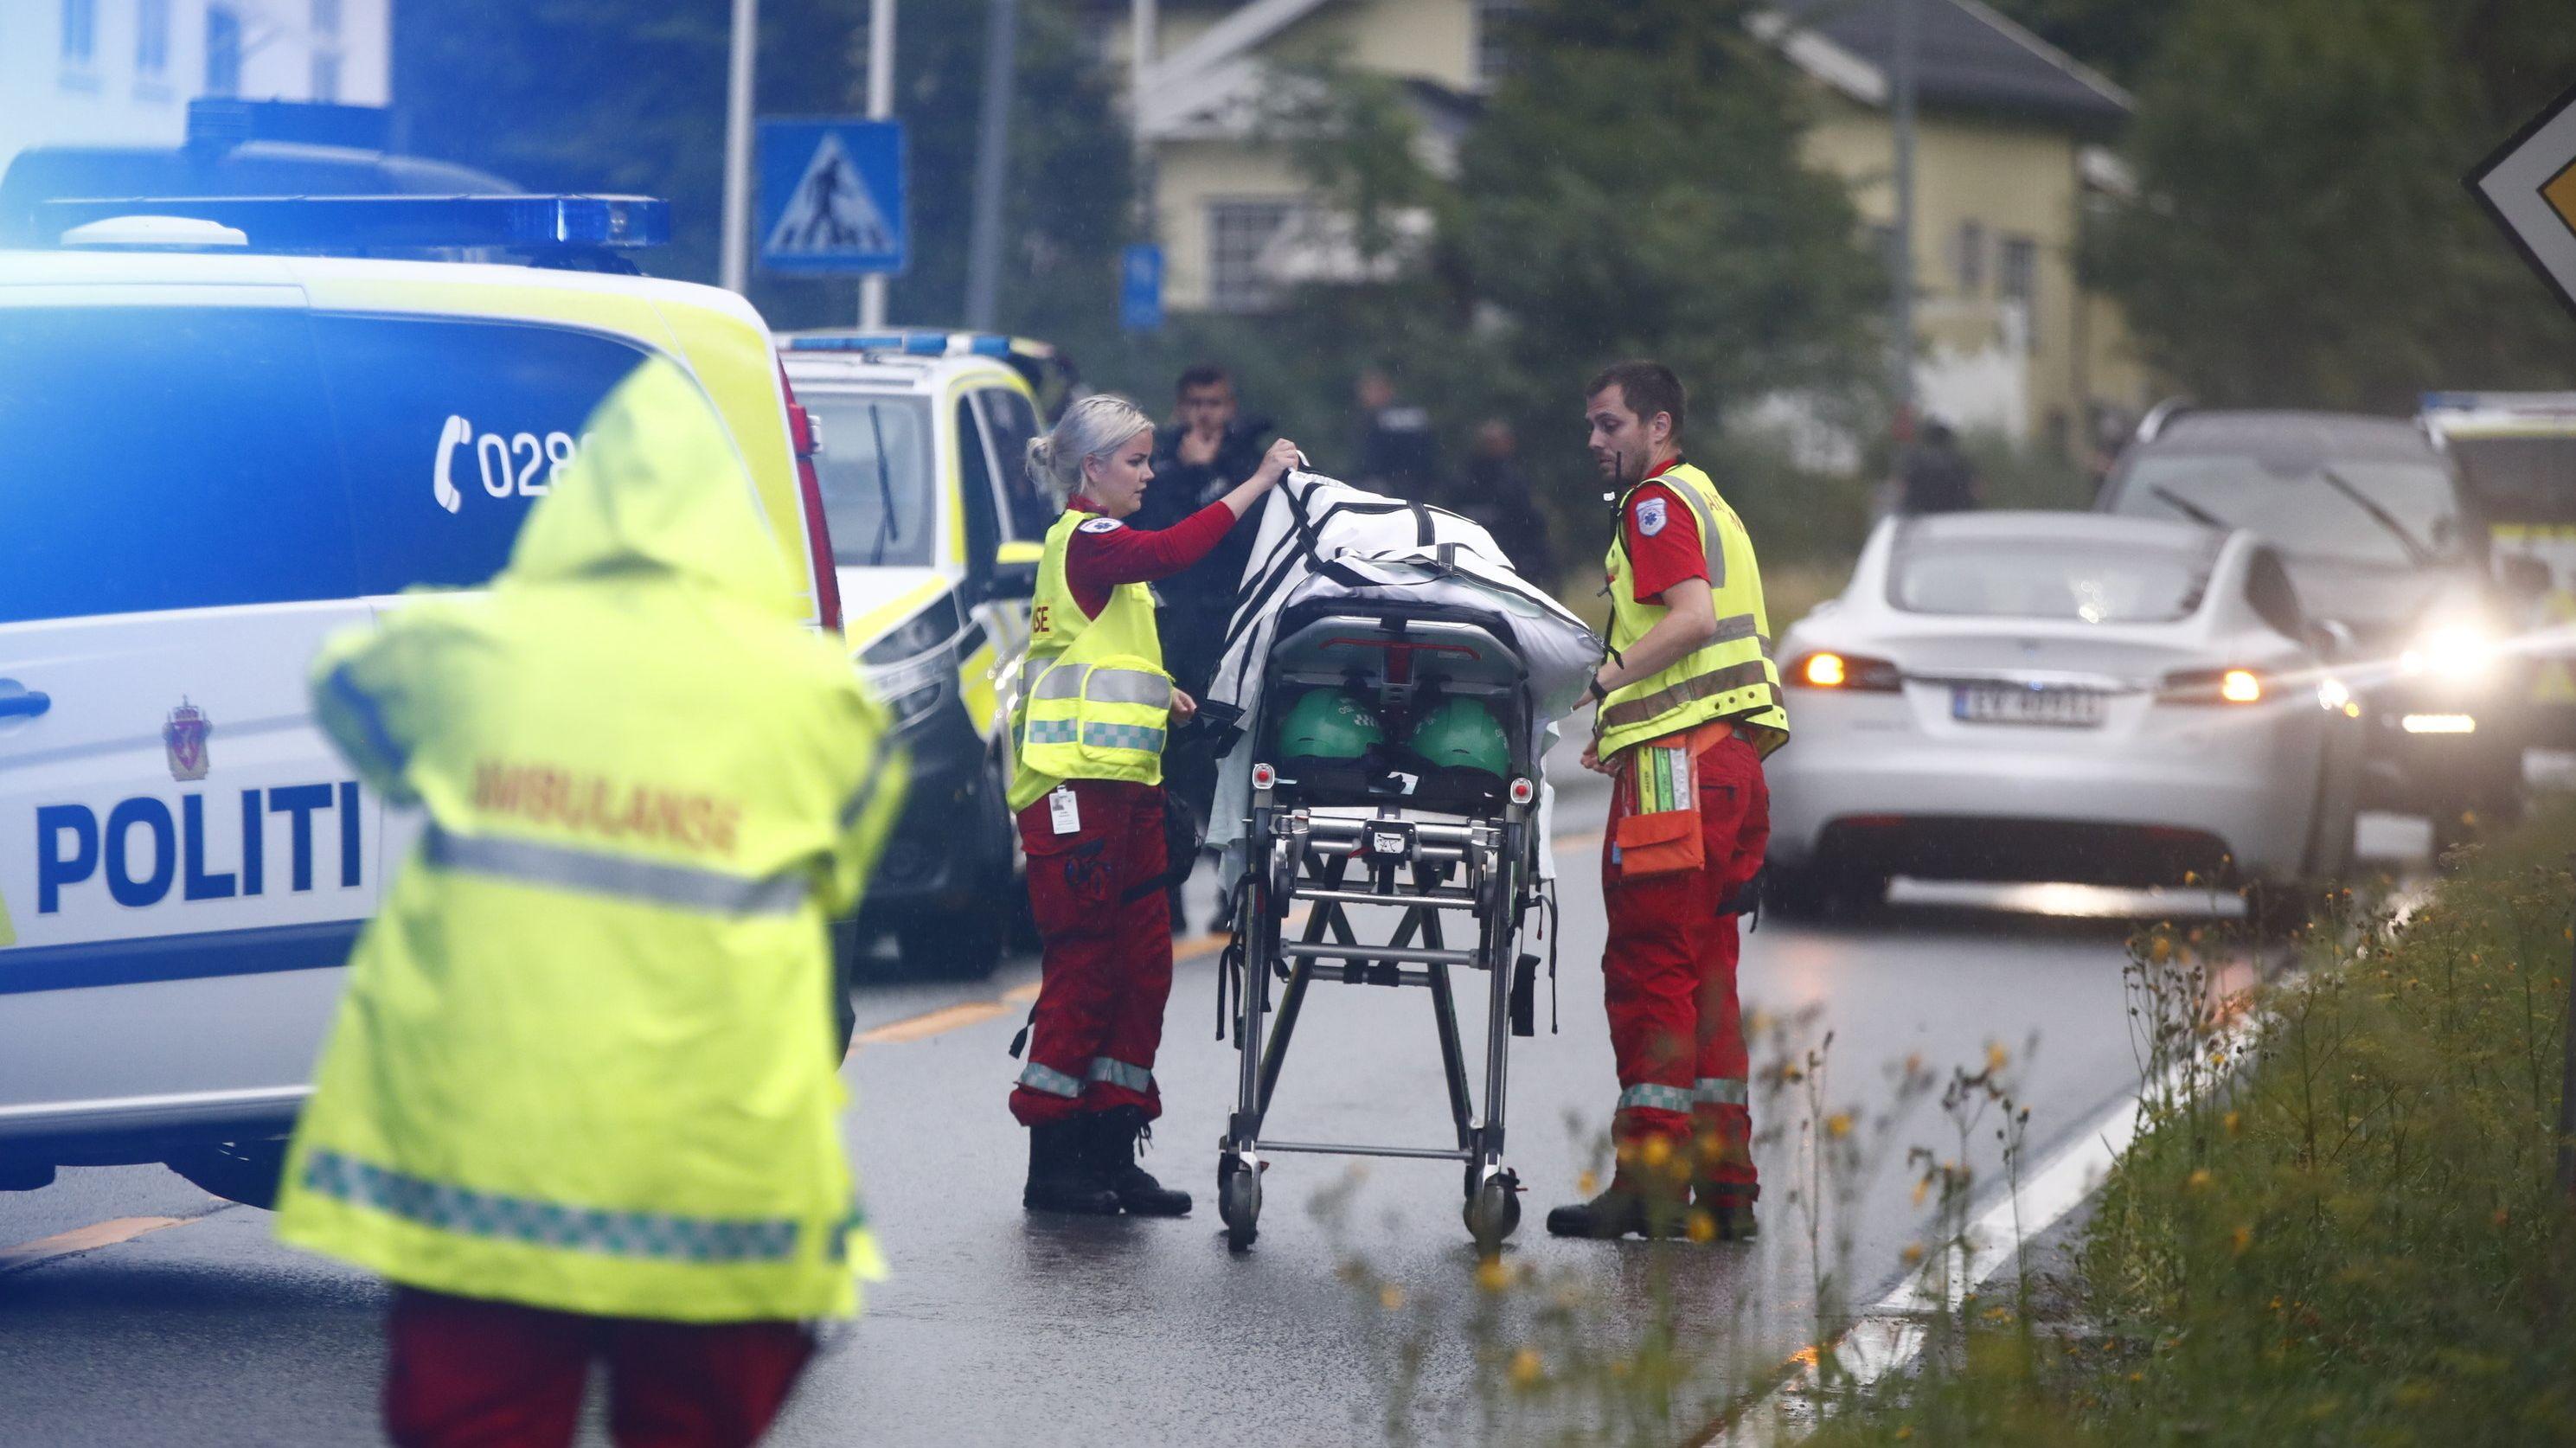 Angriff auf eine Moschee in der Nähe von Oslo